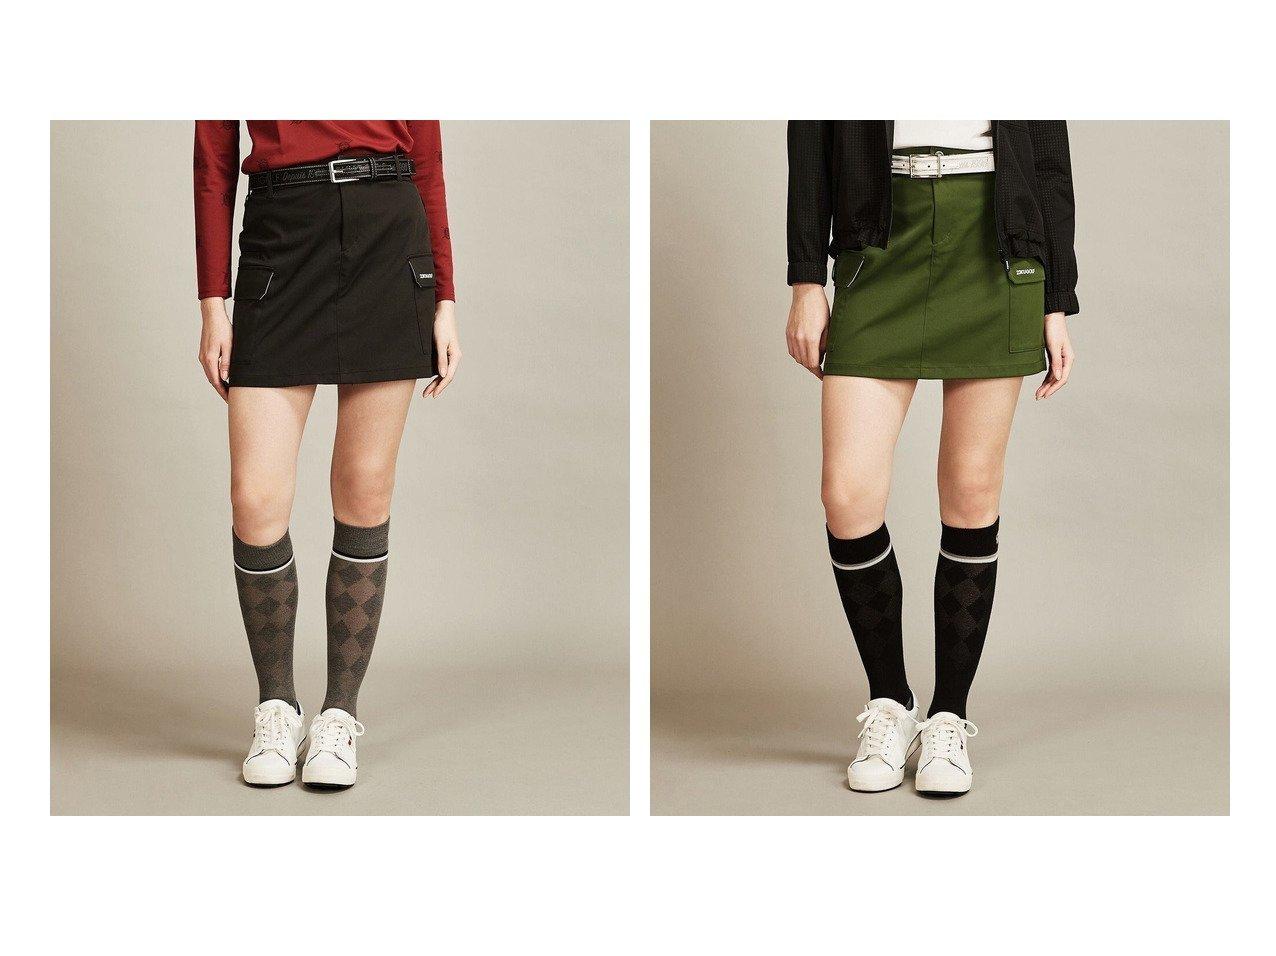 【NIJYUSANKU GOLF/23区 ゴルフ】の【WOMEN】【ストレッチ】ポリエステル ツイル スカート 【ゴルフウェア】おすすめ!人気、トレンド・レディースファッションの通販 おすすめで人気の流行・トレンド、ファッションの通販商品 メンズファッション・キッズファッション・インテリア・家具・レディースファッション・服の通販 founy(ファニー) https://founy.com/ ファッション Fashion レディースファッション WOMEN スカート Skirt 送料無料 Free Shipping カモフラージュ ストレッチ チェーン ツイル ポケット モチーフ 再入荷 Restock/Back in Stock/Re Arrival 台形  ID:crp329100000029158